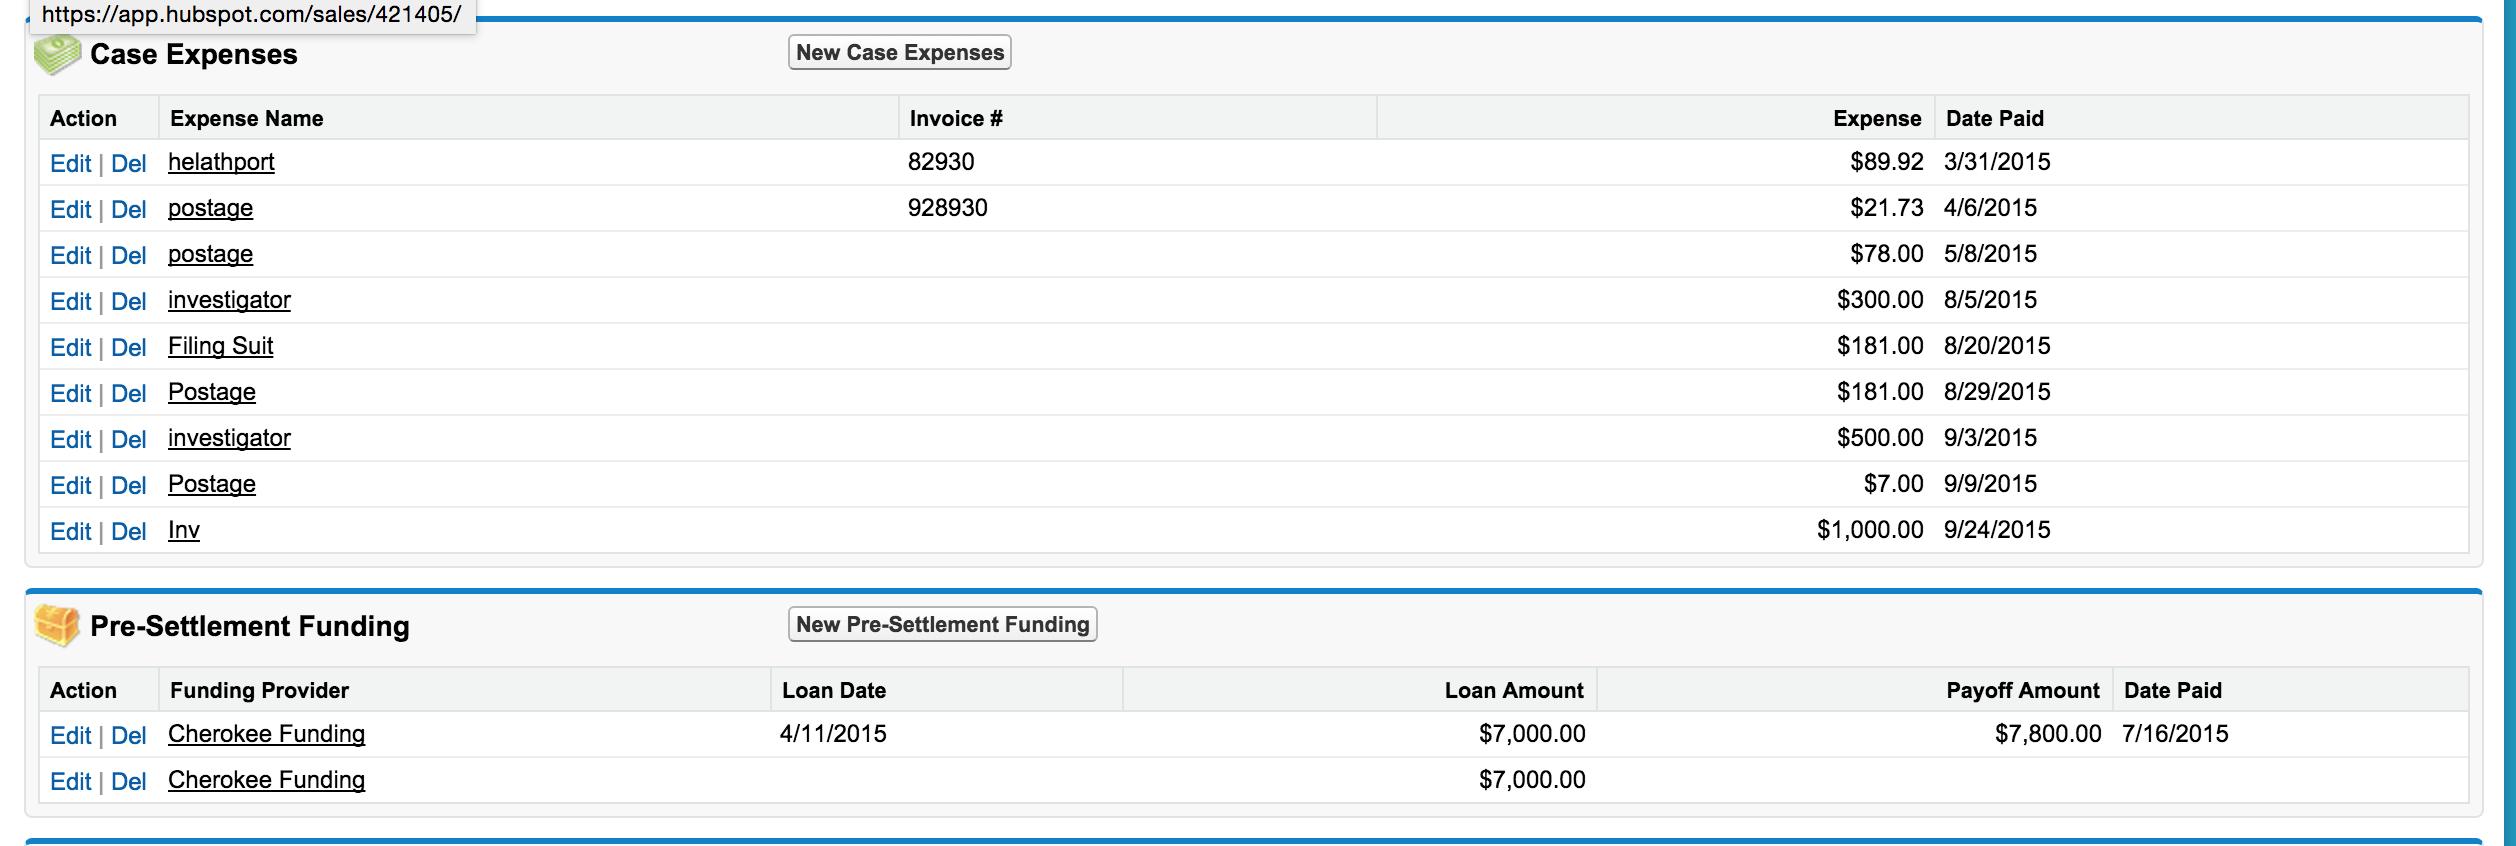 Case Expenses